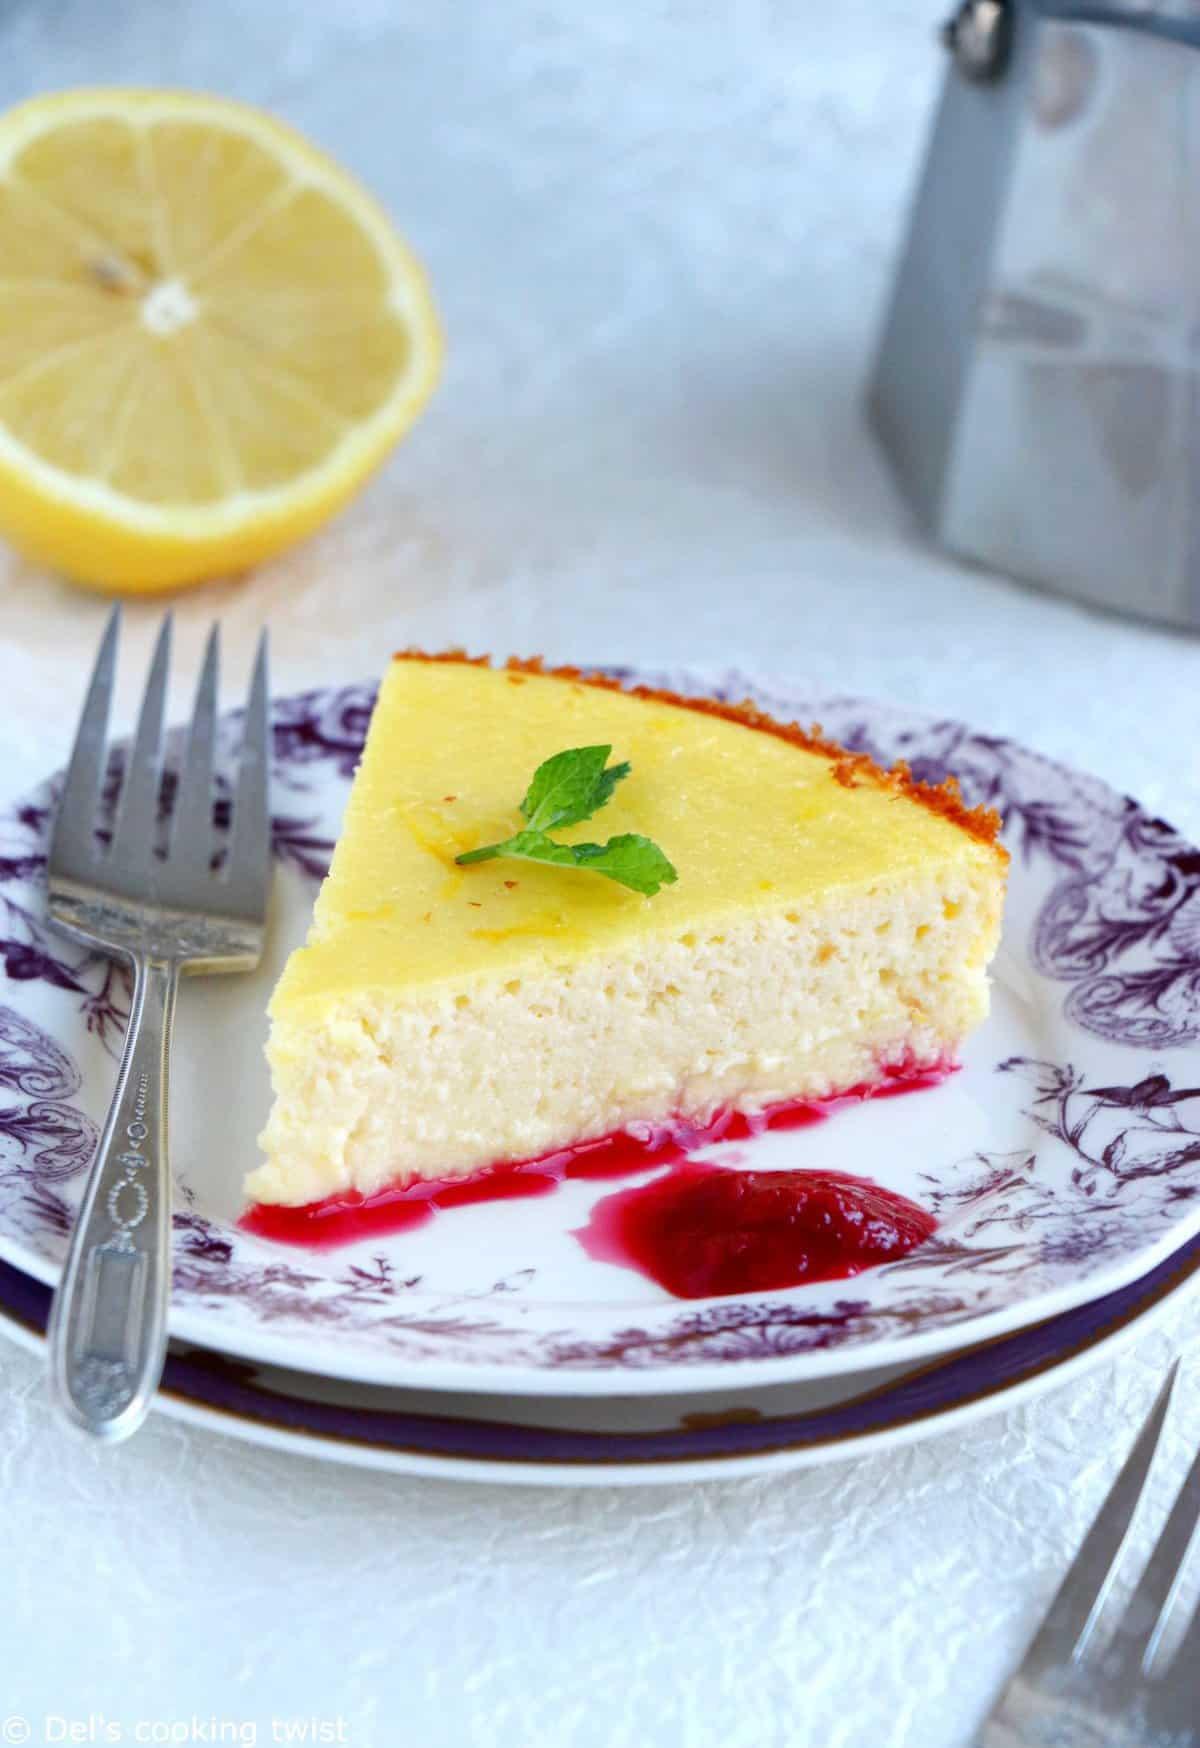 Cheesecake façon Fiadone et son coulis de griottes